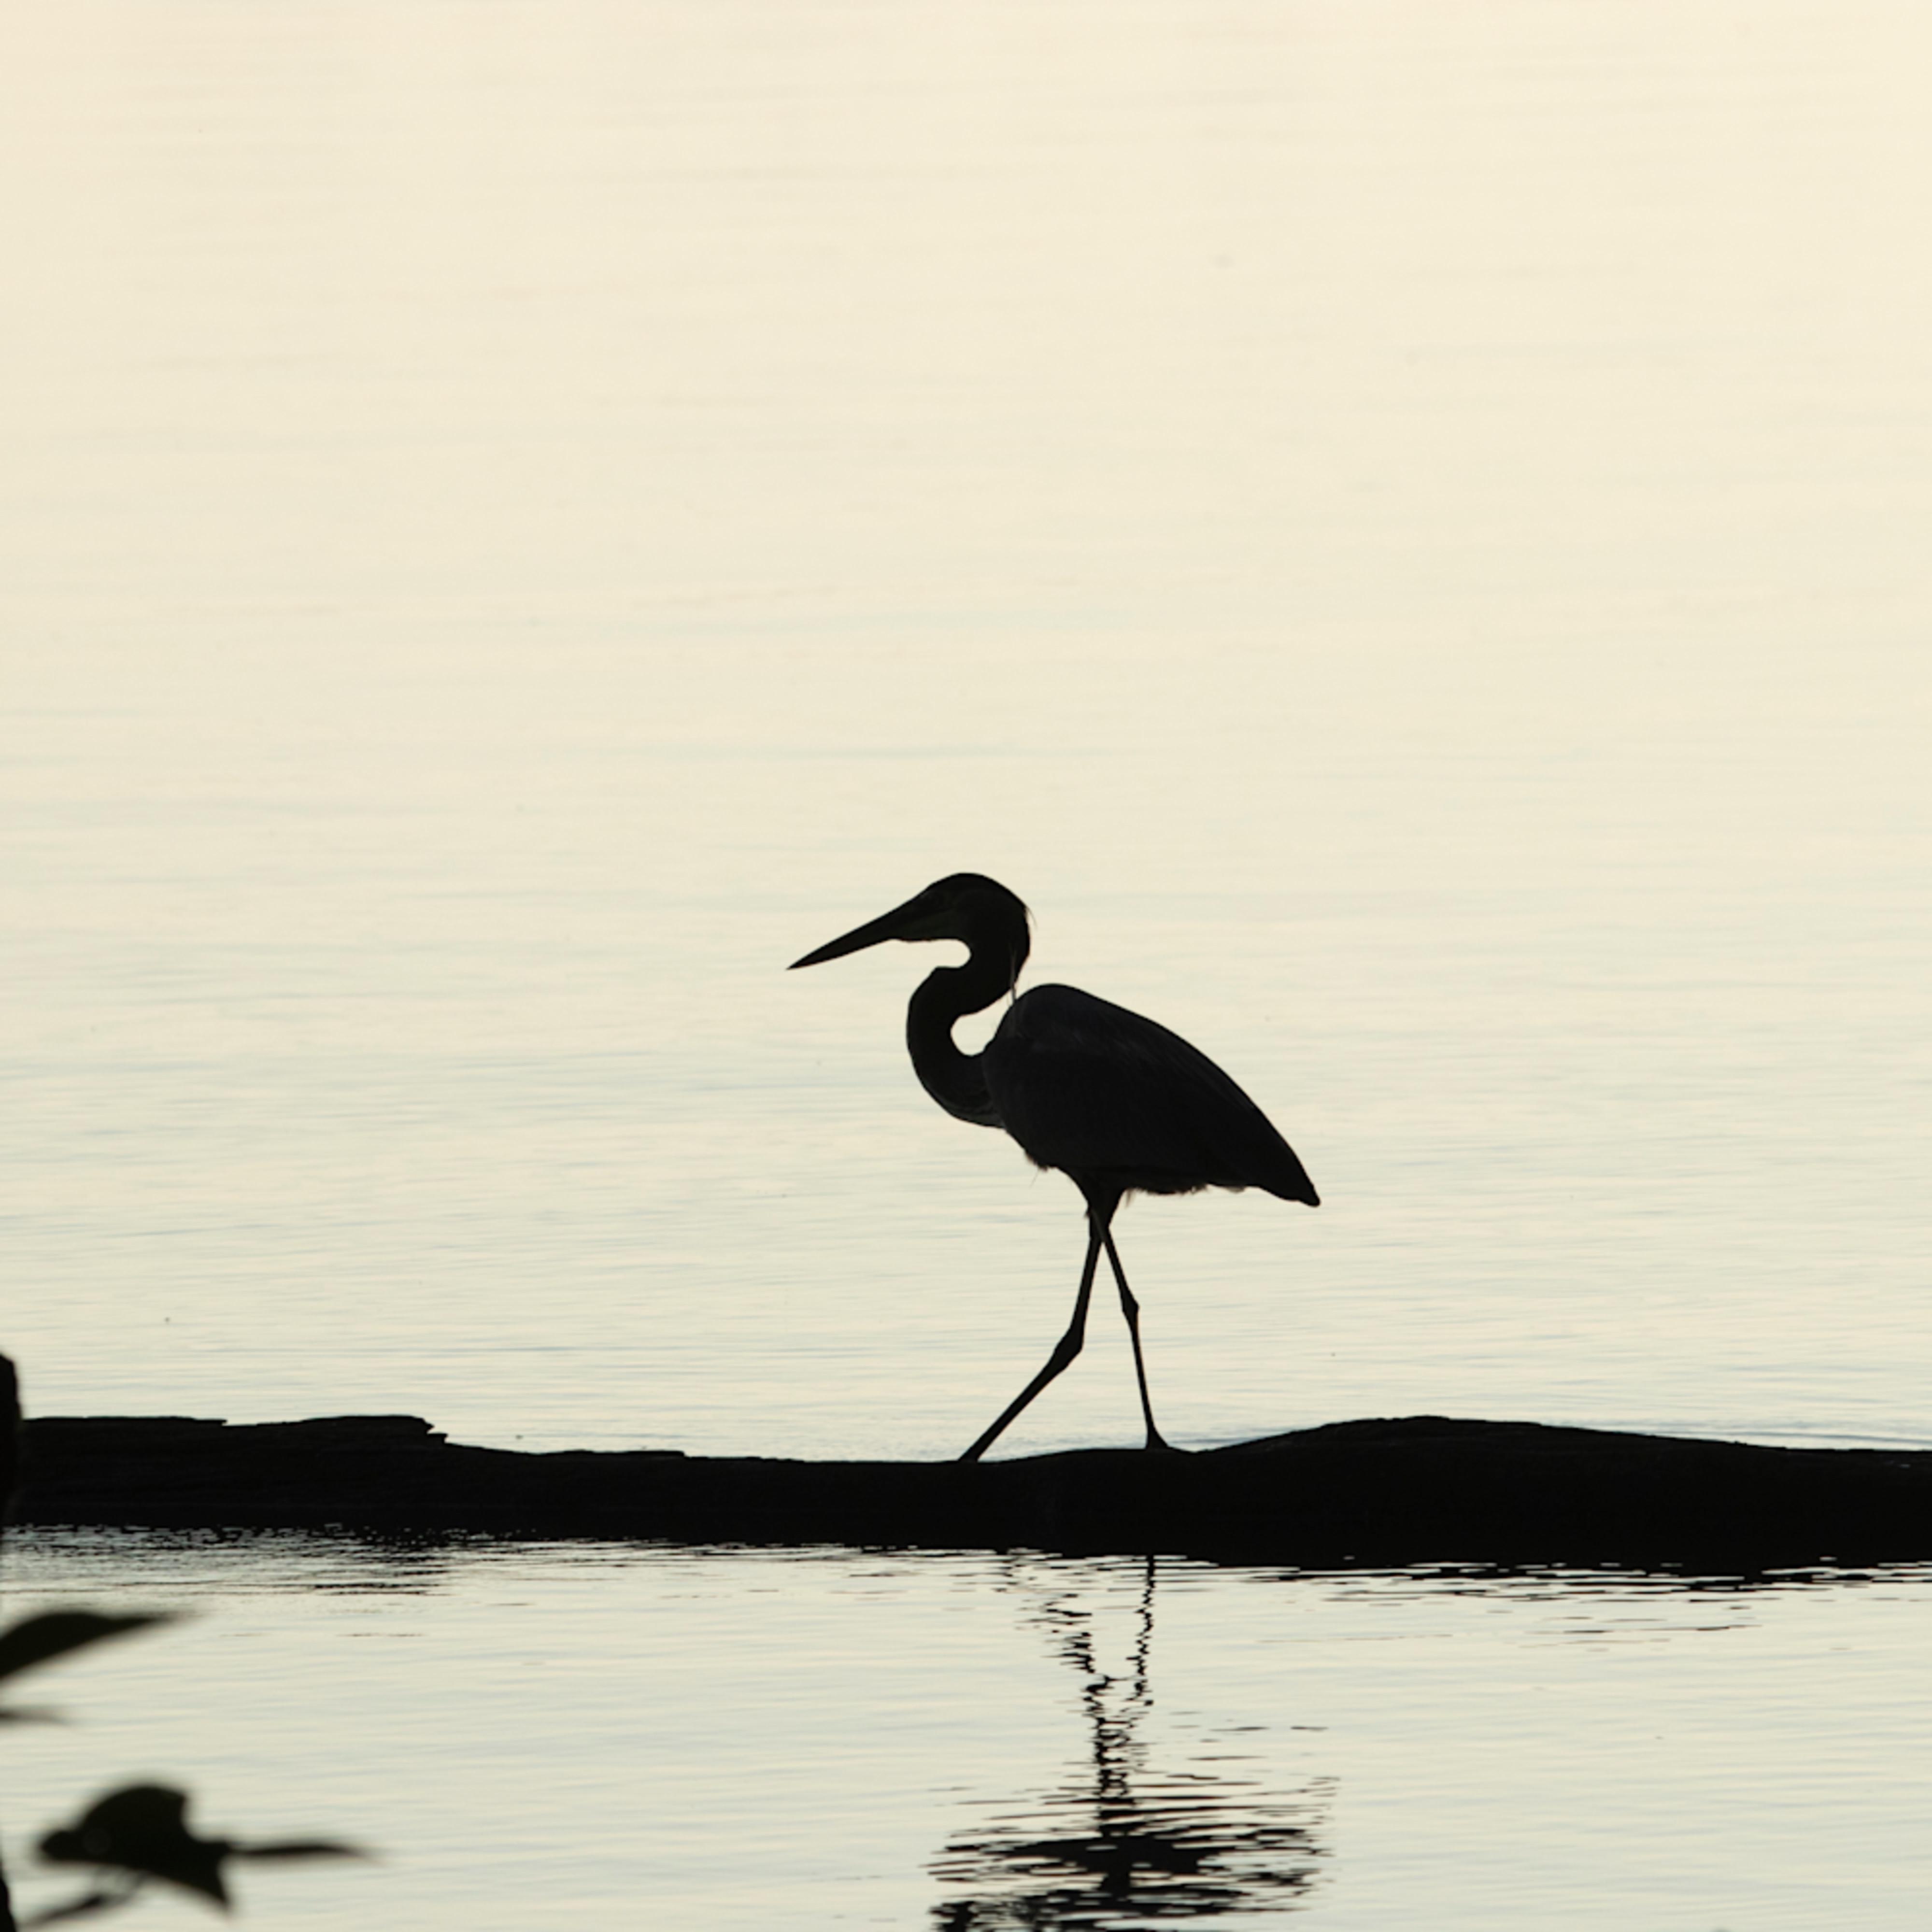 Heron silhouettes mg 7524 srm20 dykbno